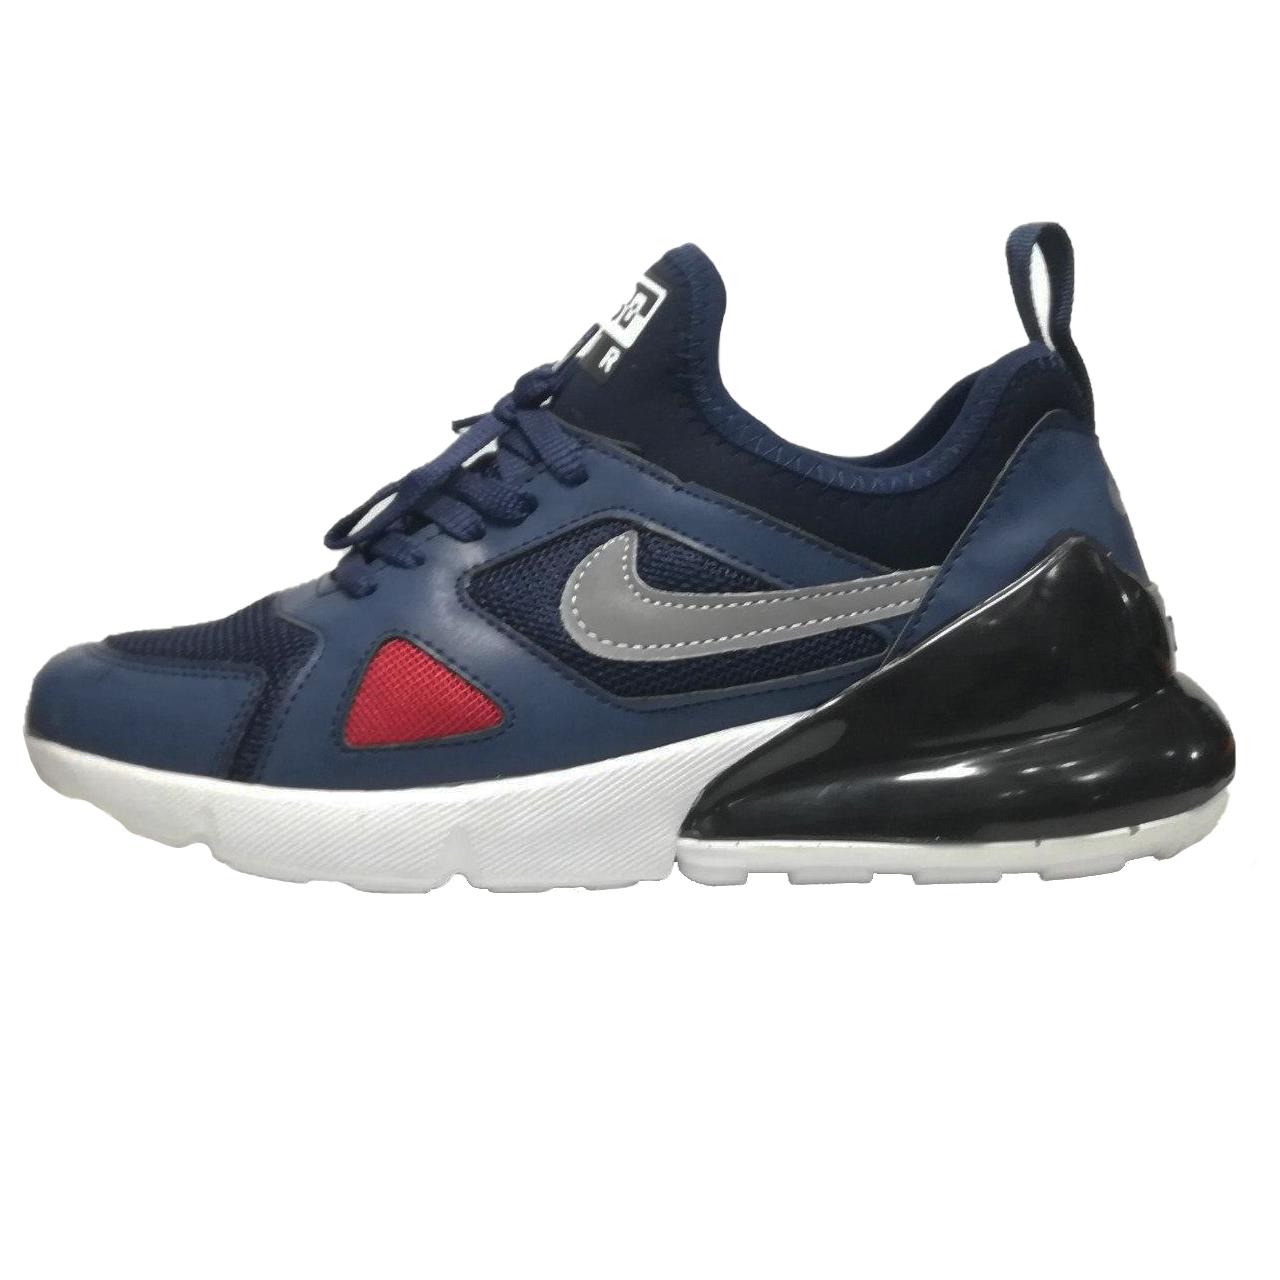 کفش مخصوص پیاده روی مردانه کد 037